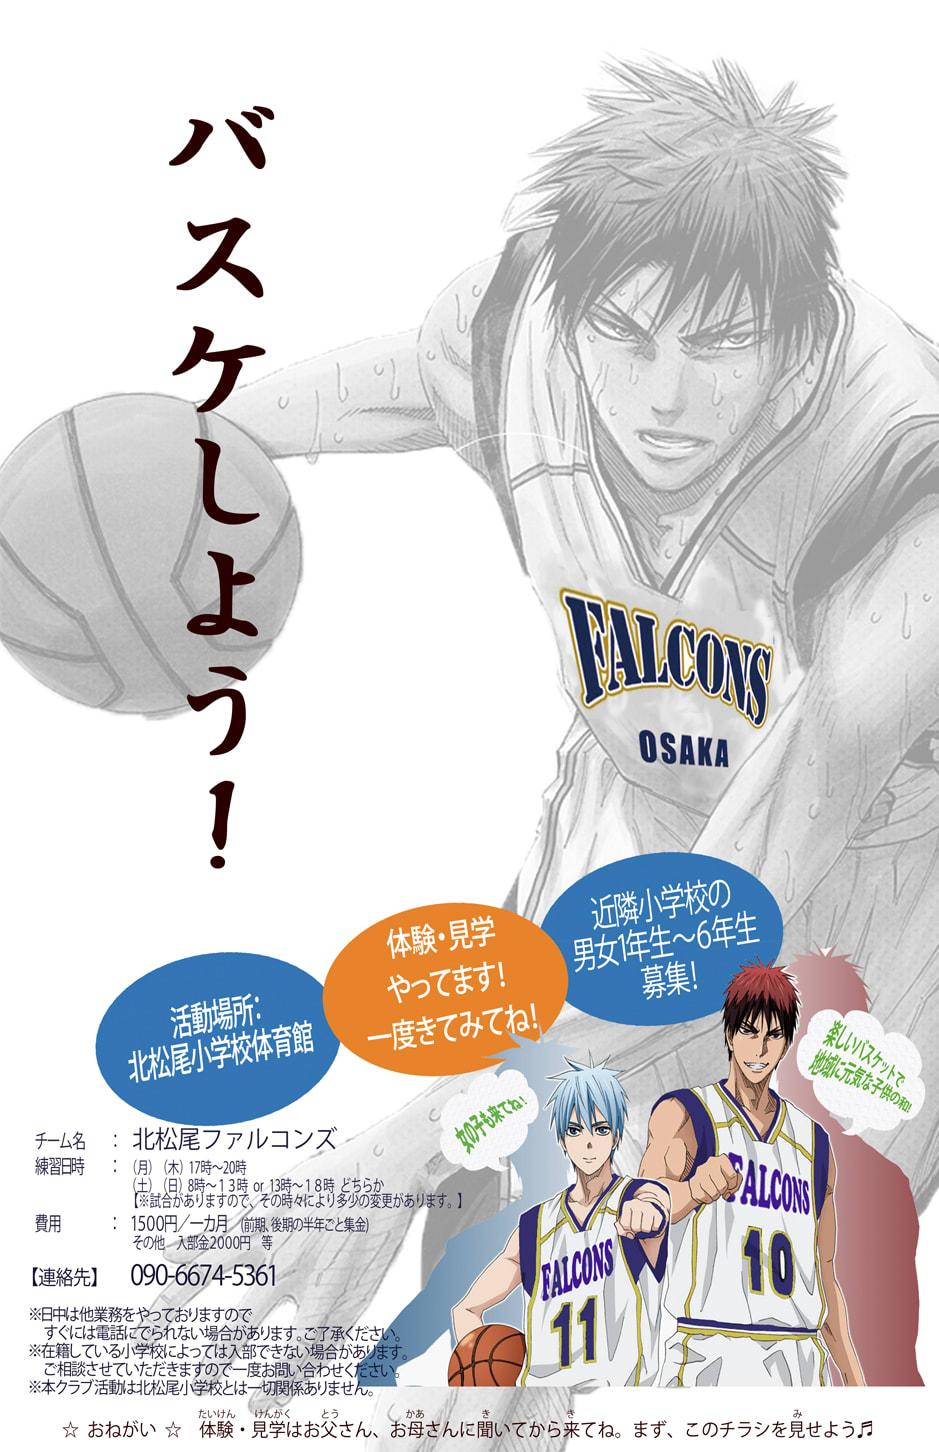 北松尾ファルコンズ☆ミニバスケットボールクラブ